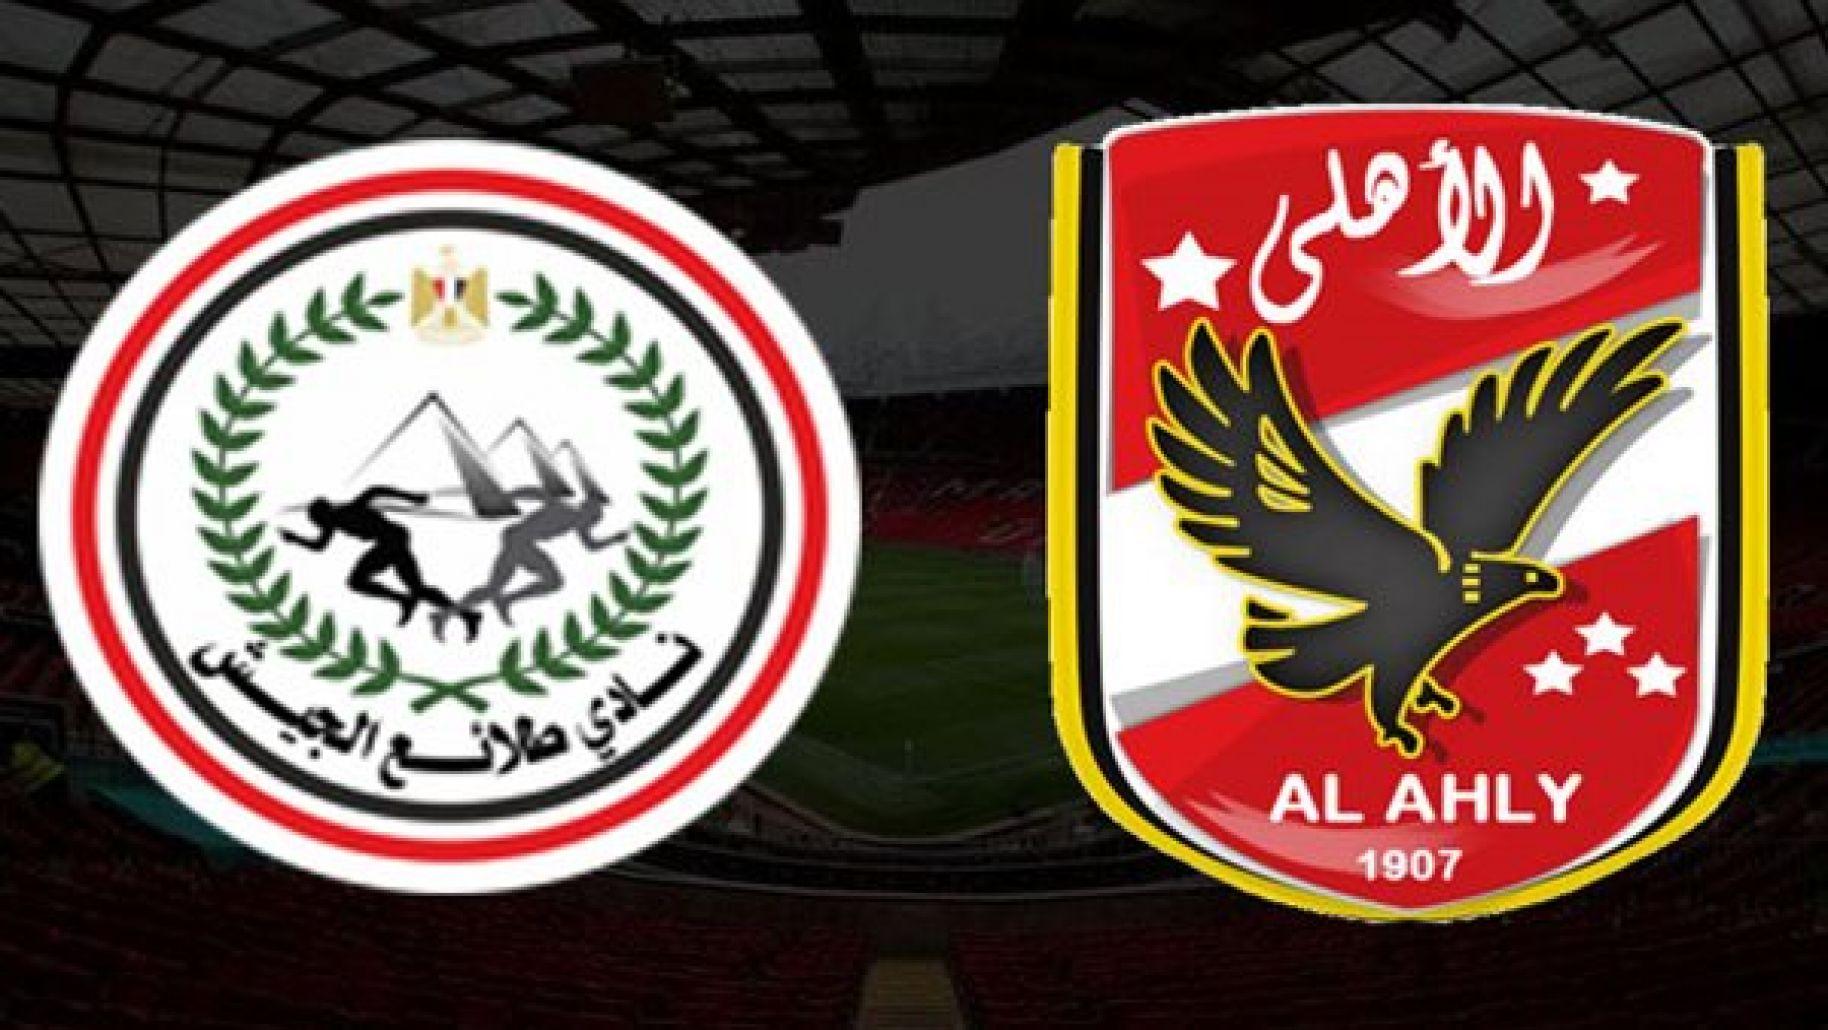 موعد وتشكيل مباراة اليوم طلائع الجيش ضد المارد الأحمر لمنافسات السوبر المصري